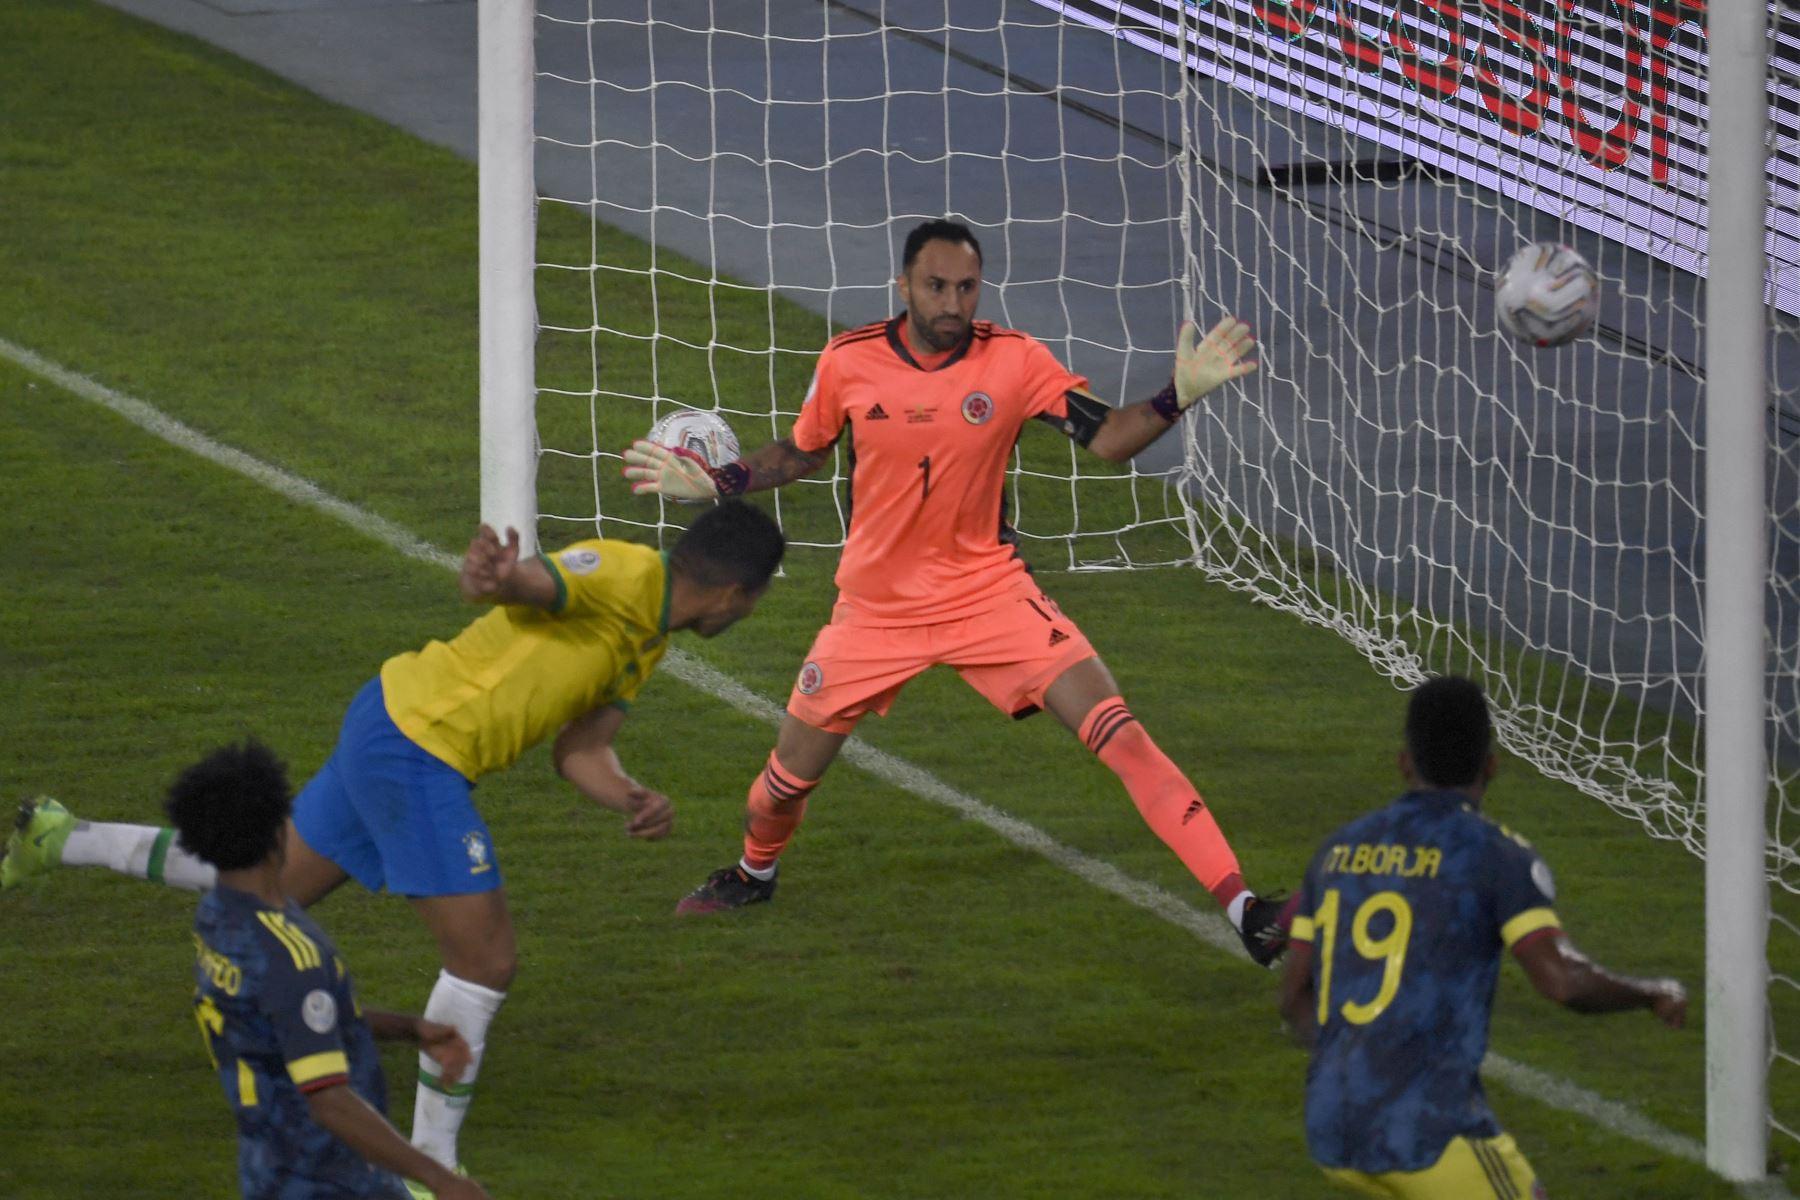 Casemiro de Brasil se dirige a anotar contra el portero de Colombia David Ospina durante el partido de la fase de grupos del torneo de fútbol Conmebol Copa América 2021, en el Estadio Nilton Santos en Río de Janeiro, Brasil. Foto: AFP